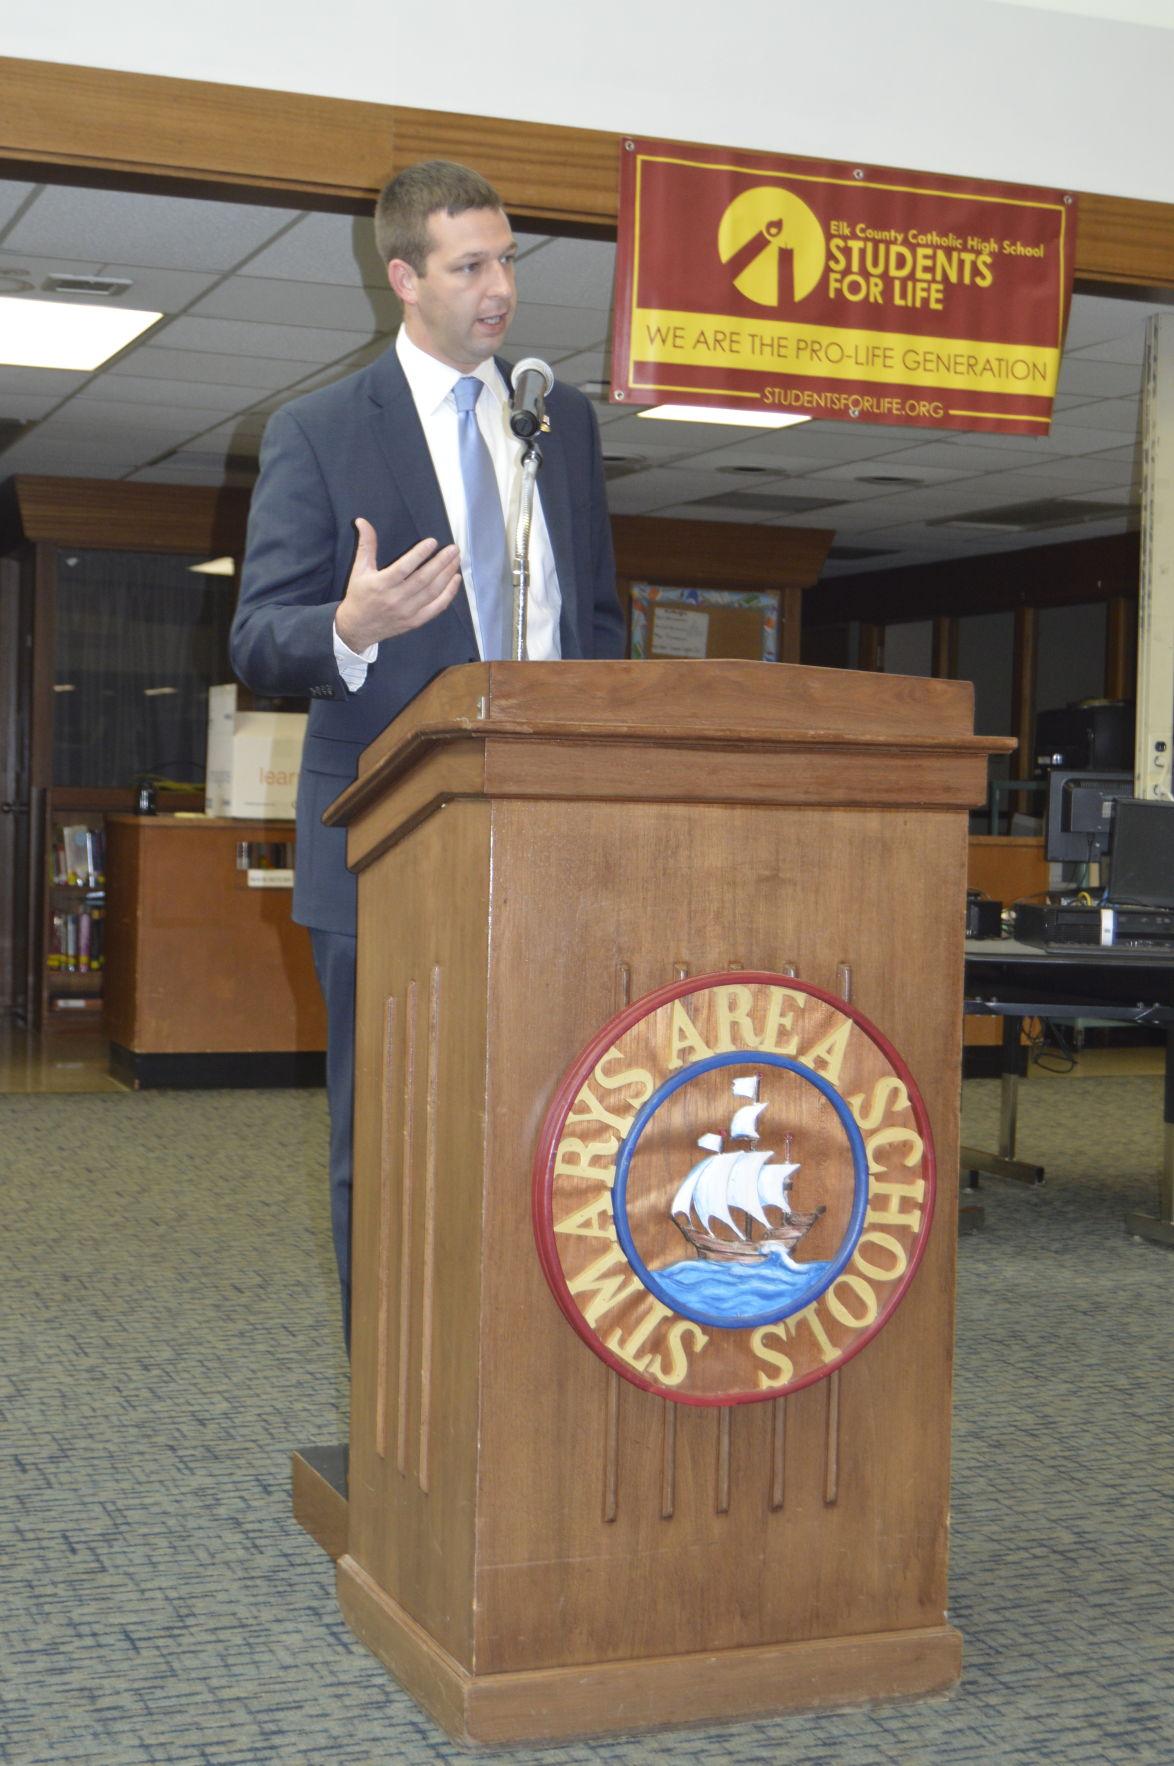 Rep. Matt Gabler